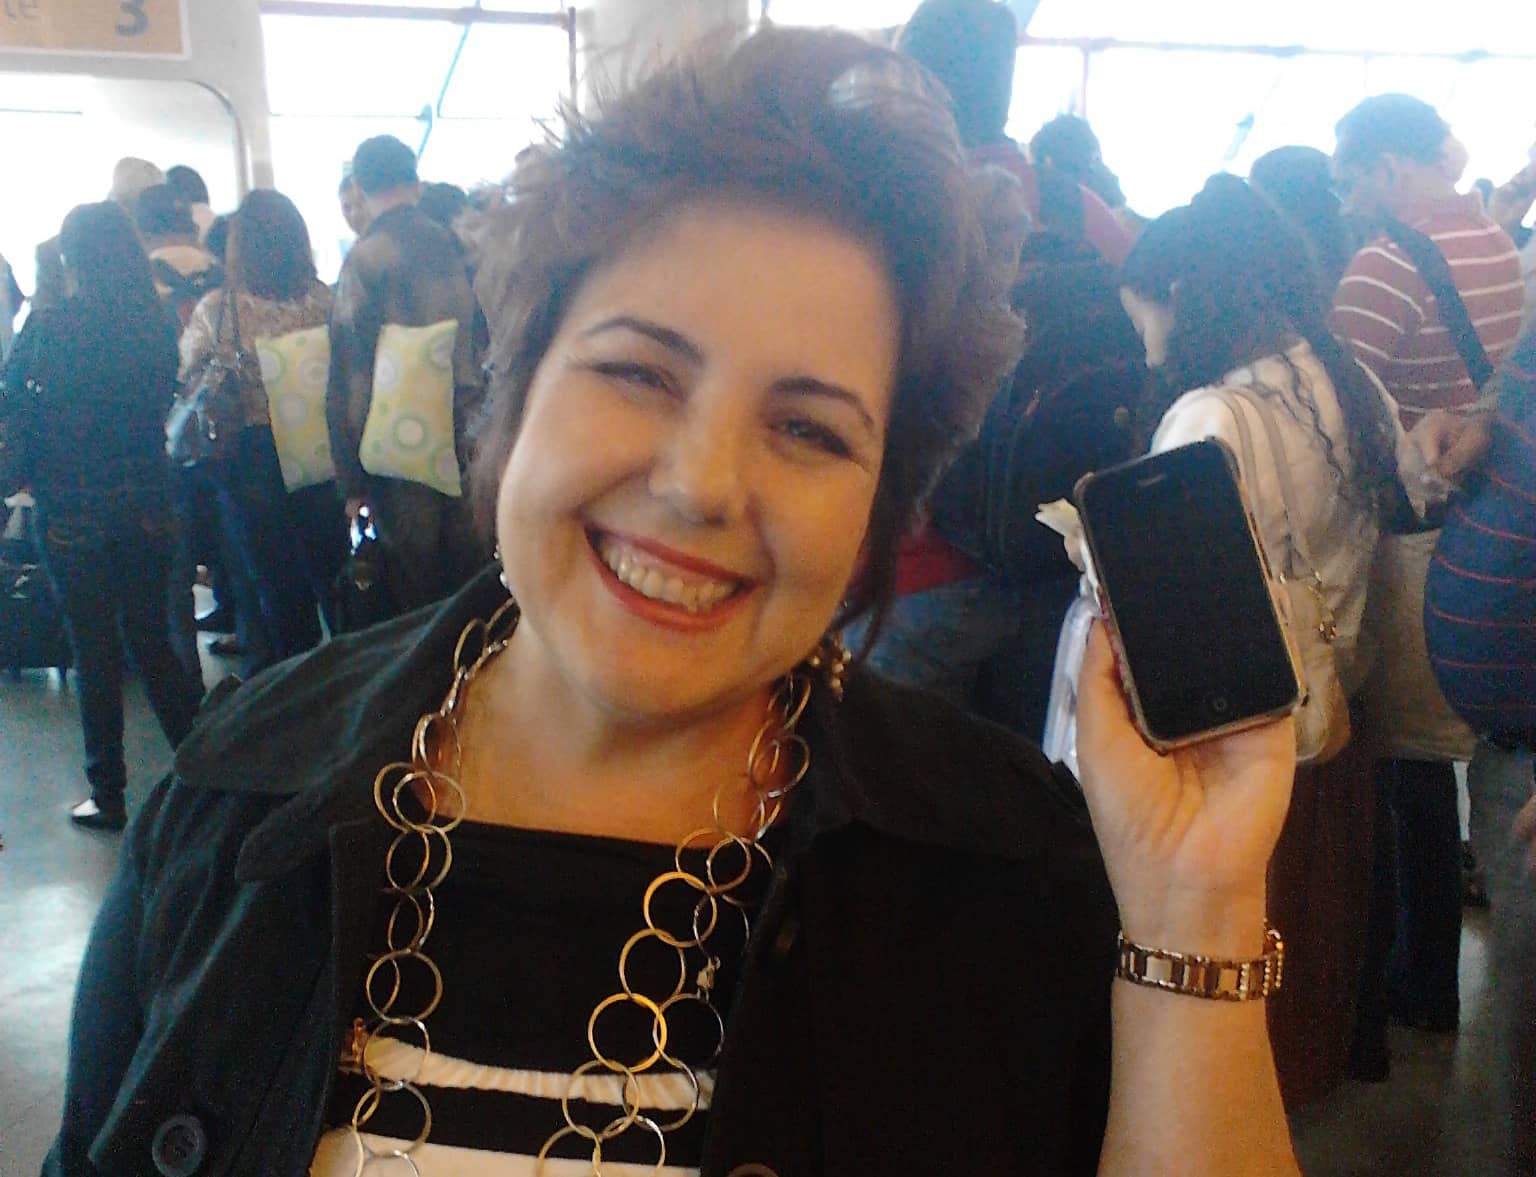 Perdeu o iPhone no aeroporto, alguém encontrou, e deixou nos achados e perdidos 4